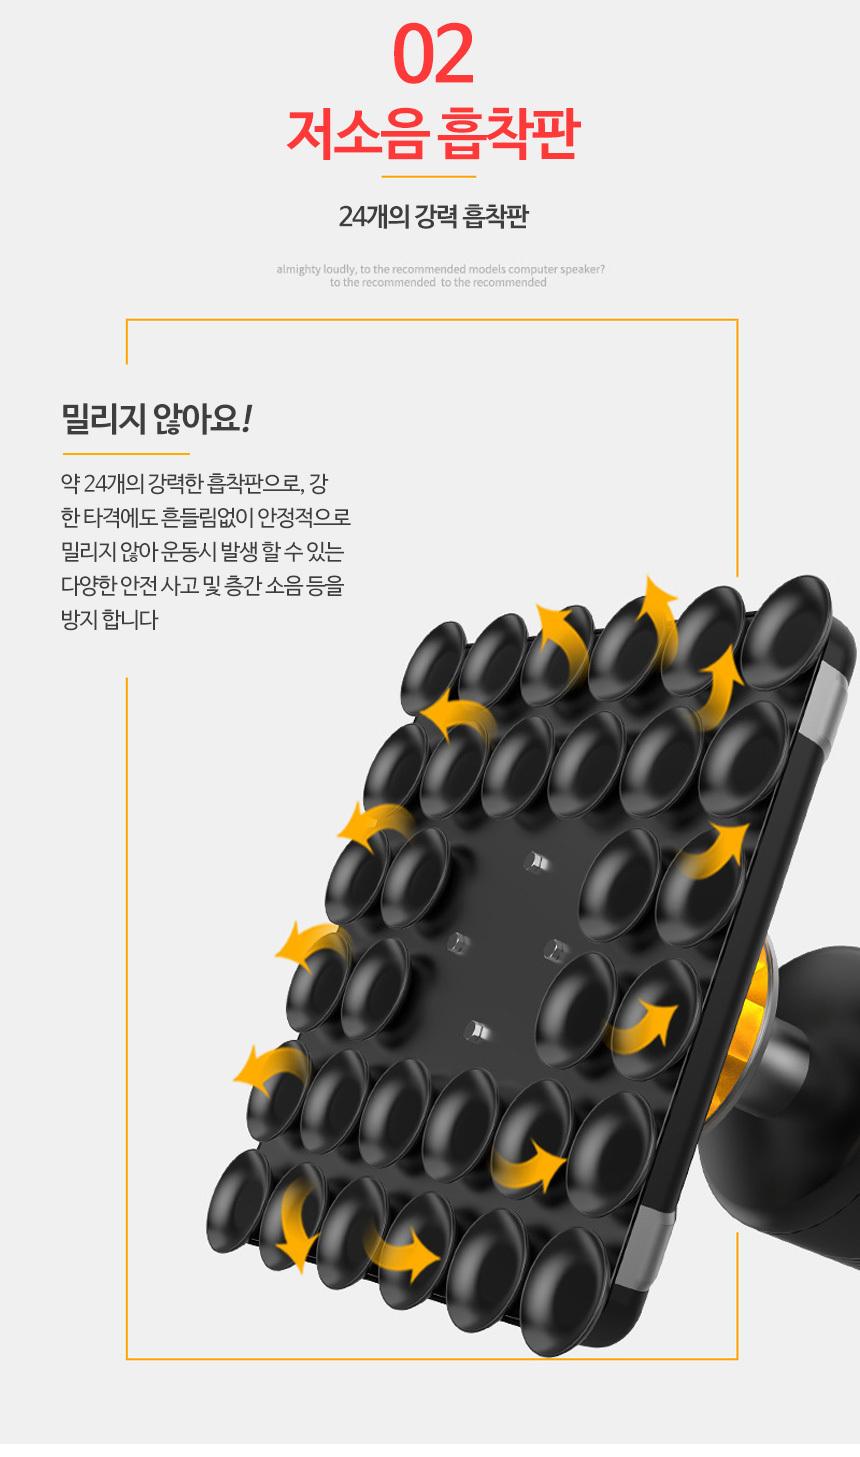 흡착형 스탠딩 샌드백 펀치볼 격투기 복싱 - 이지핏, 132,900원, 운동기구/소품, 운동기구